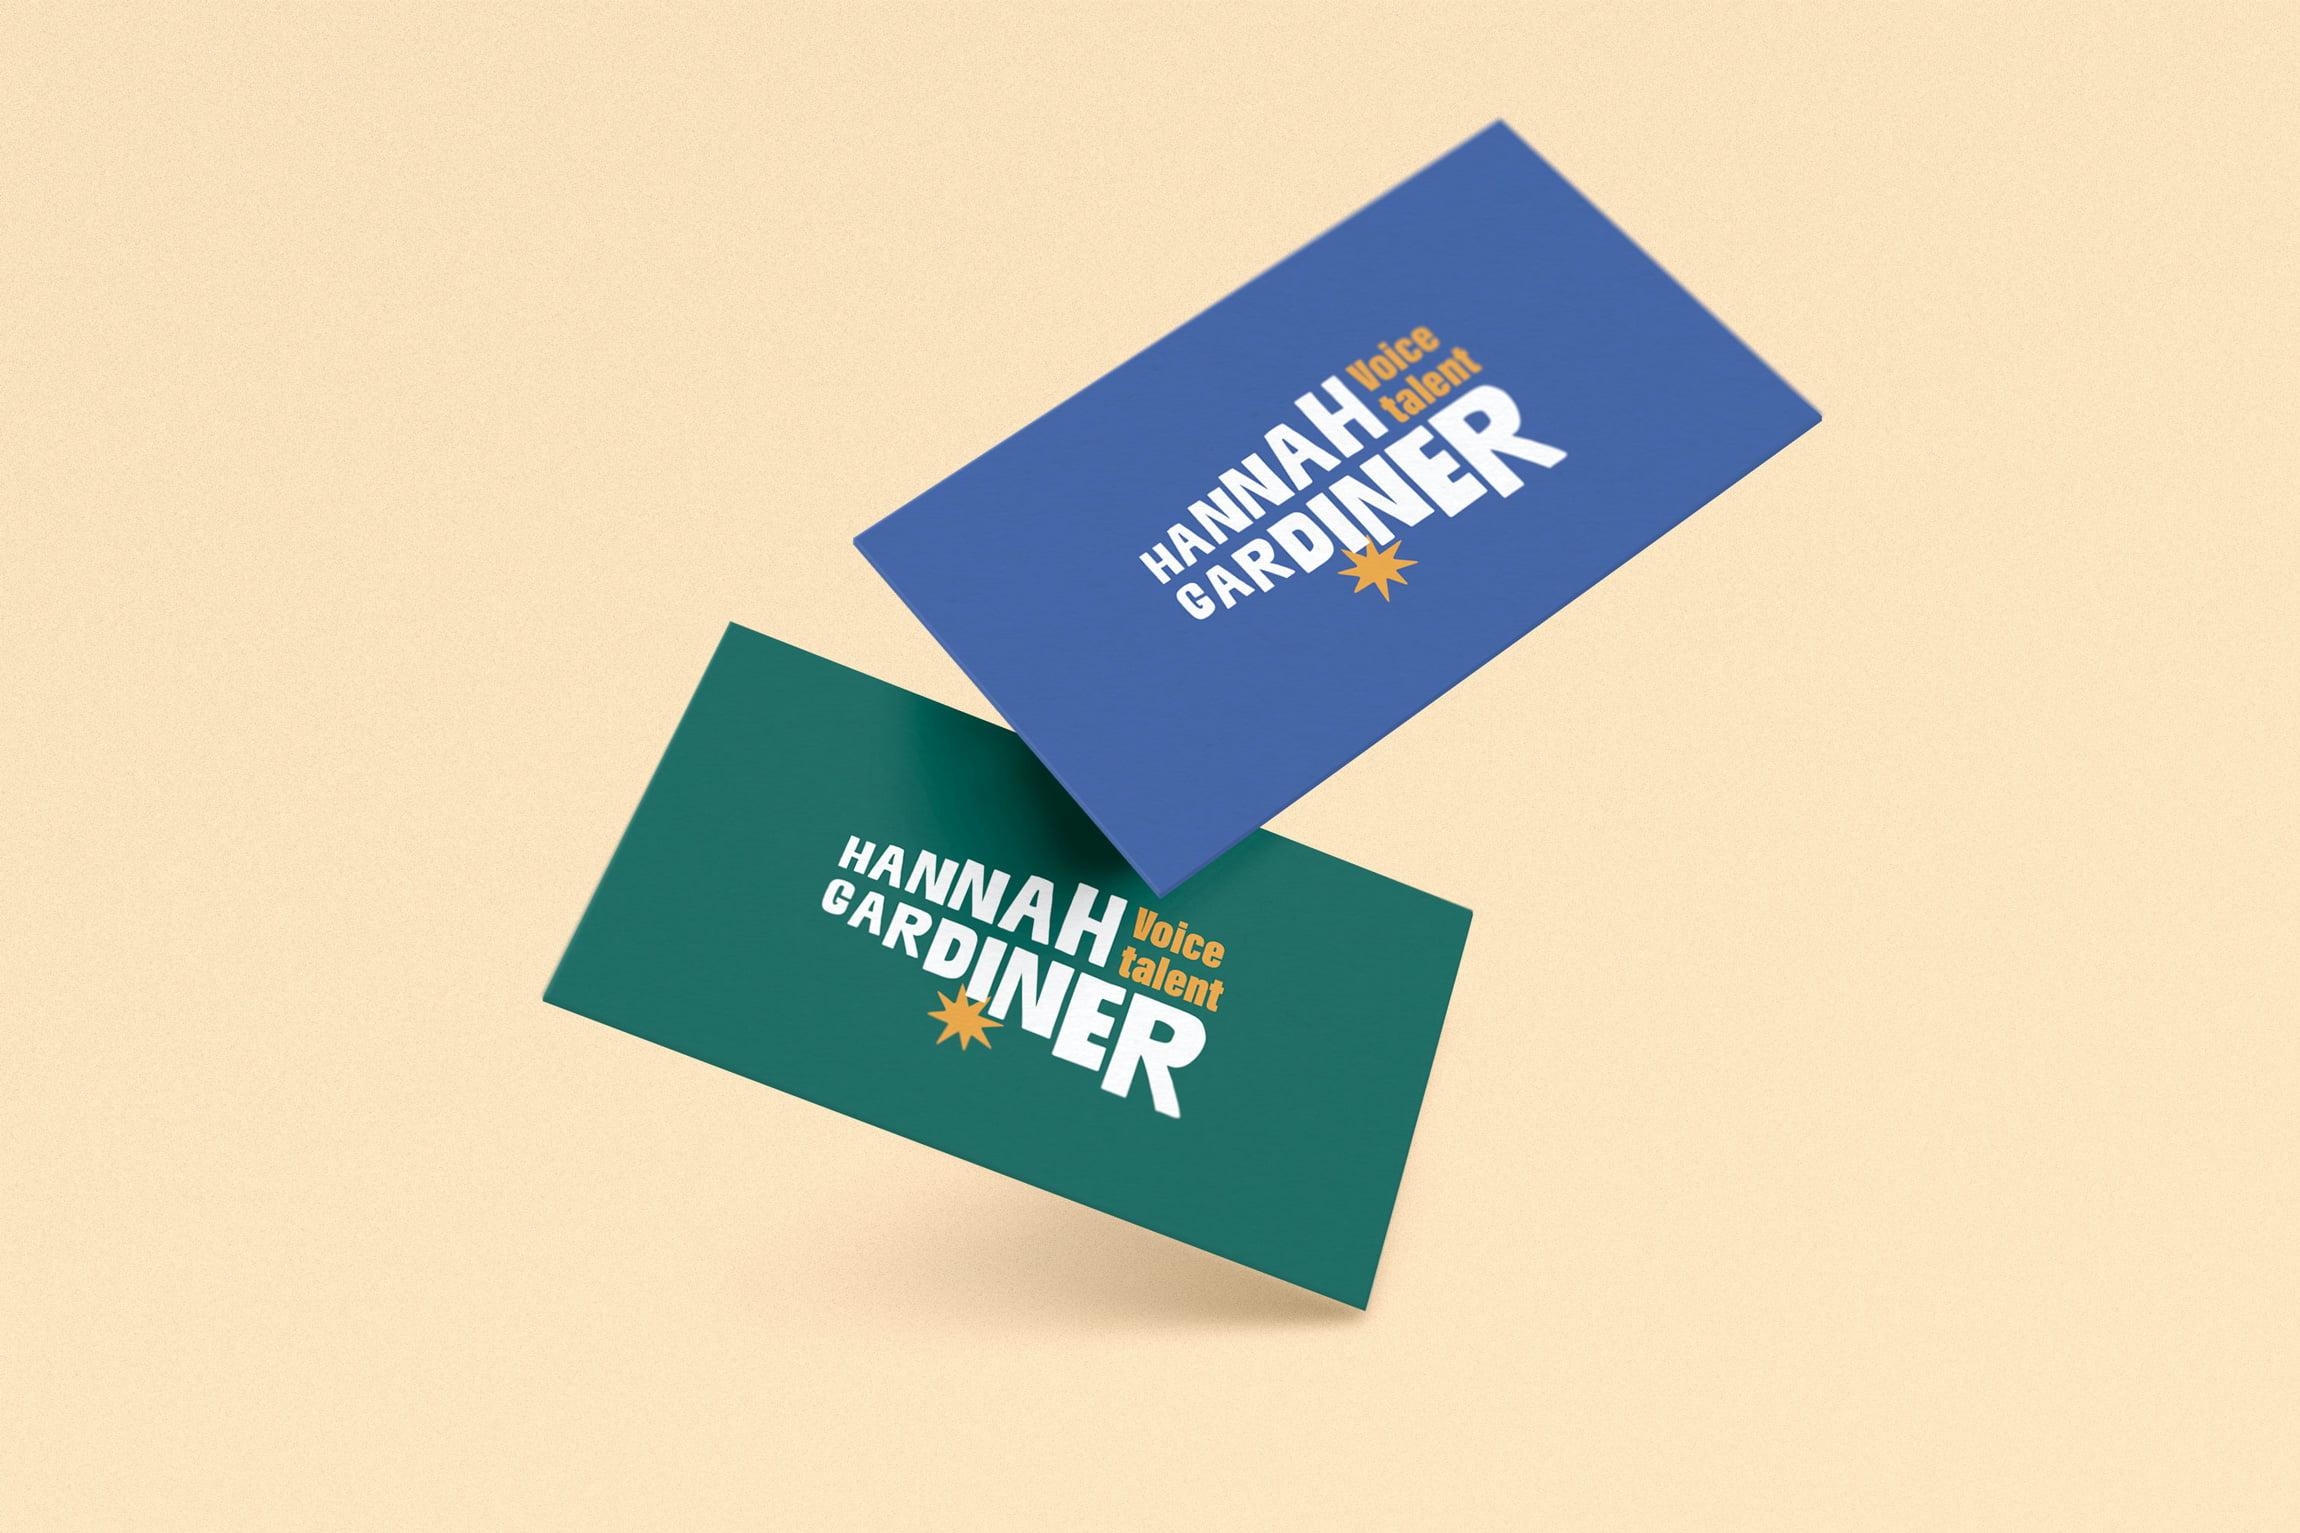 HANNAH GARDINER diseño de logotipo valencia